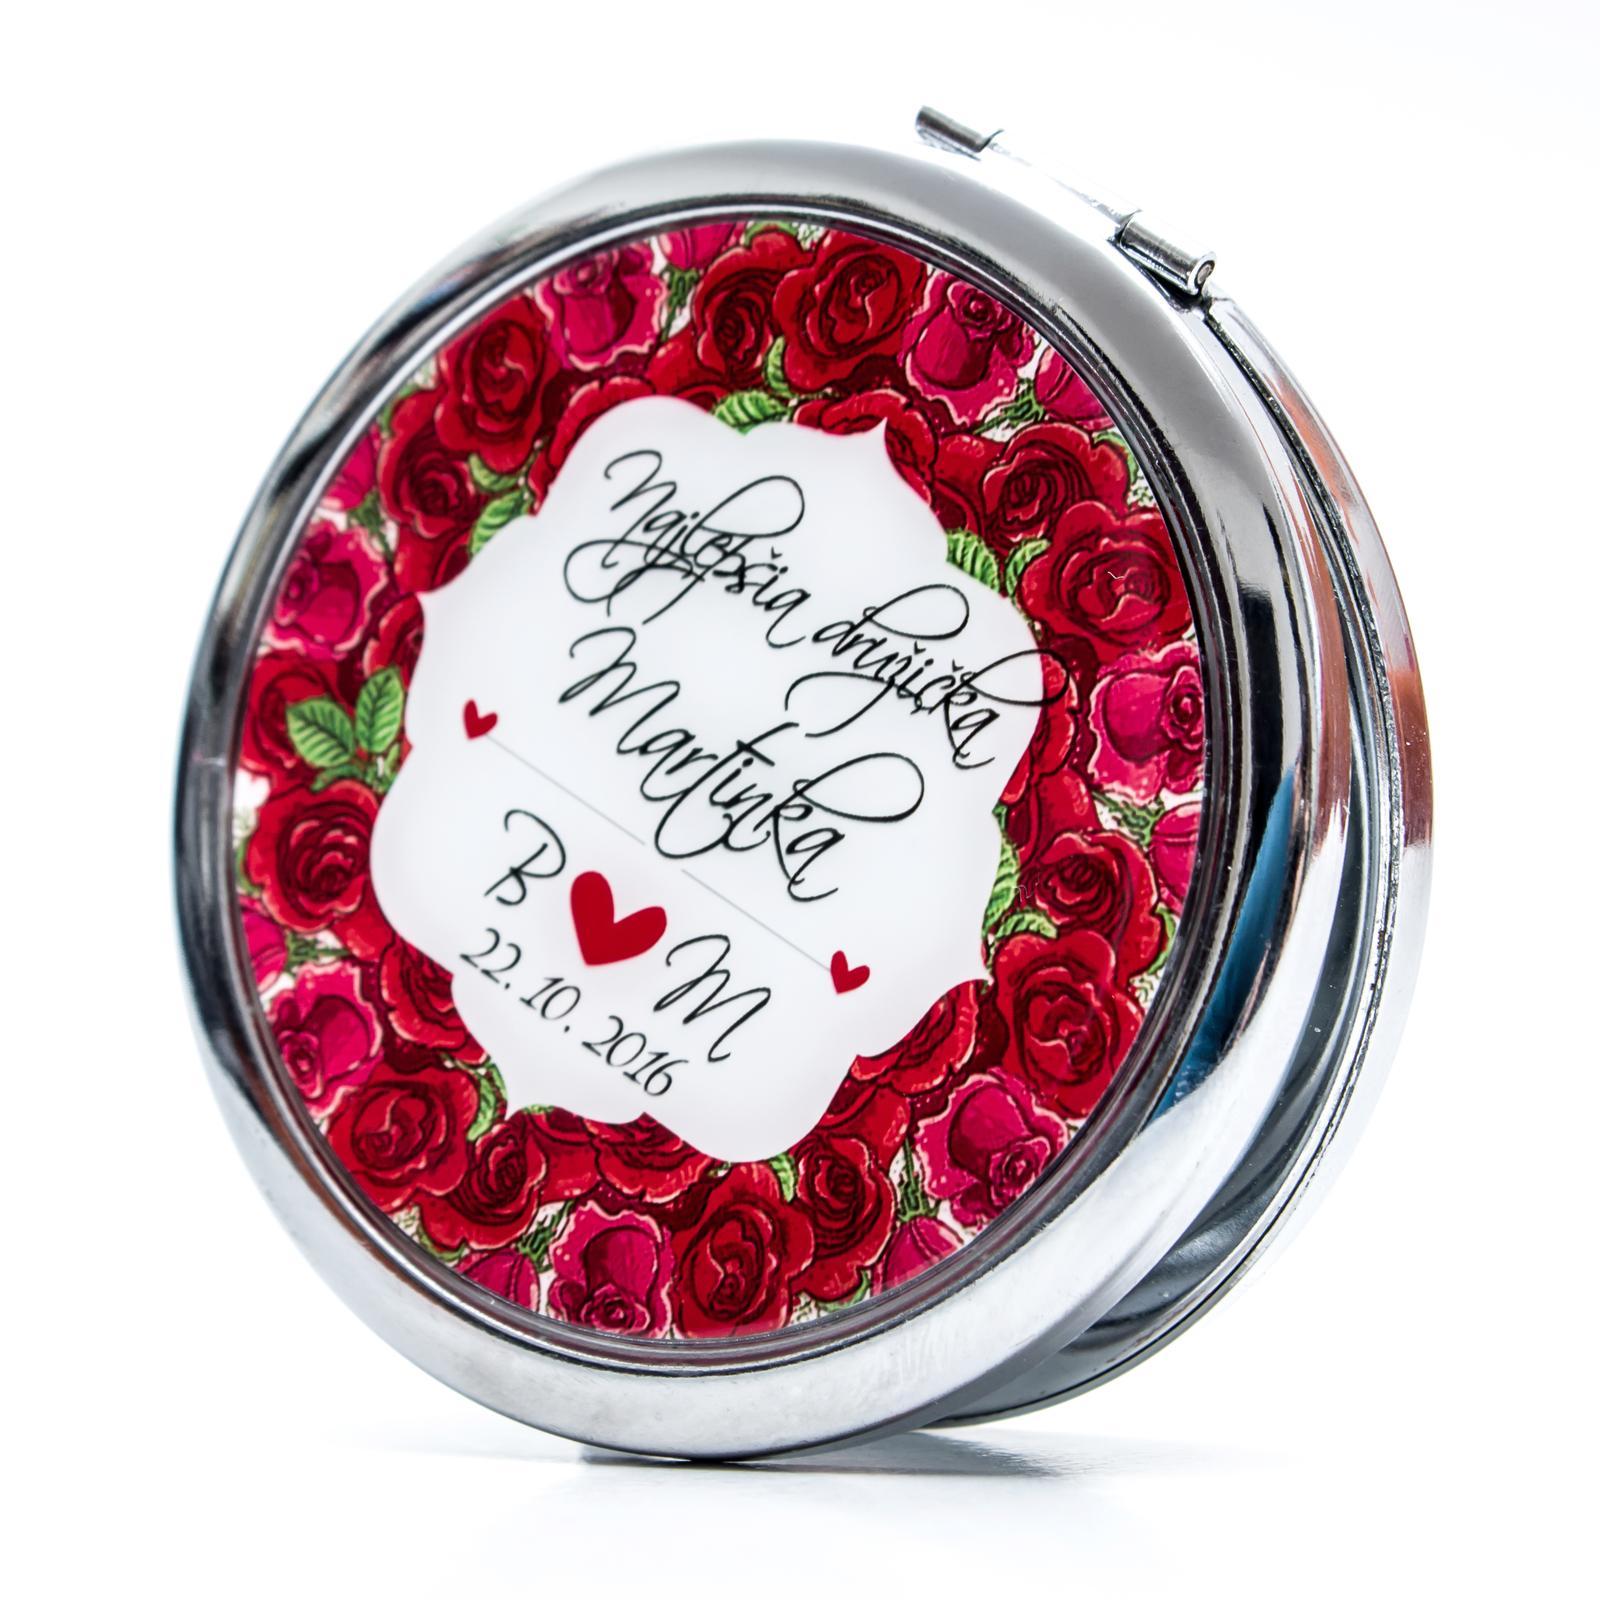 Zrkadielka na želanie - Zrkadielko pre najlepšiu družičku